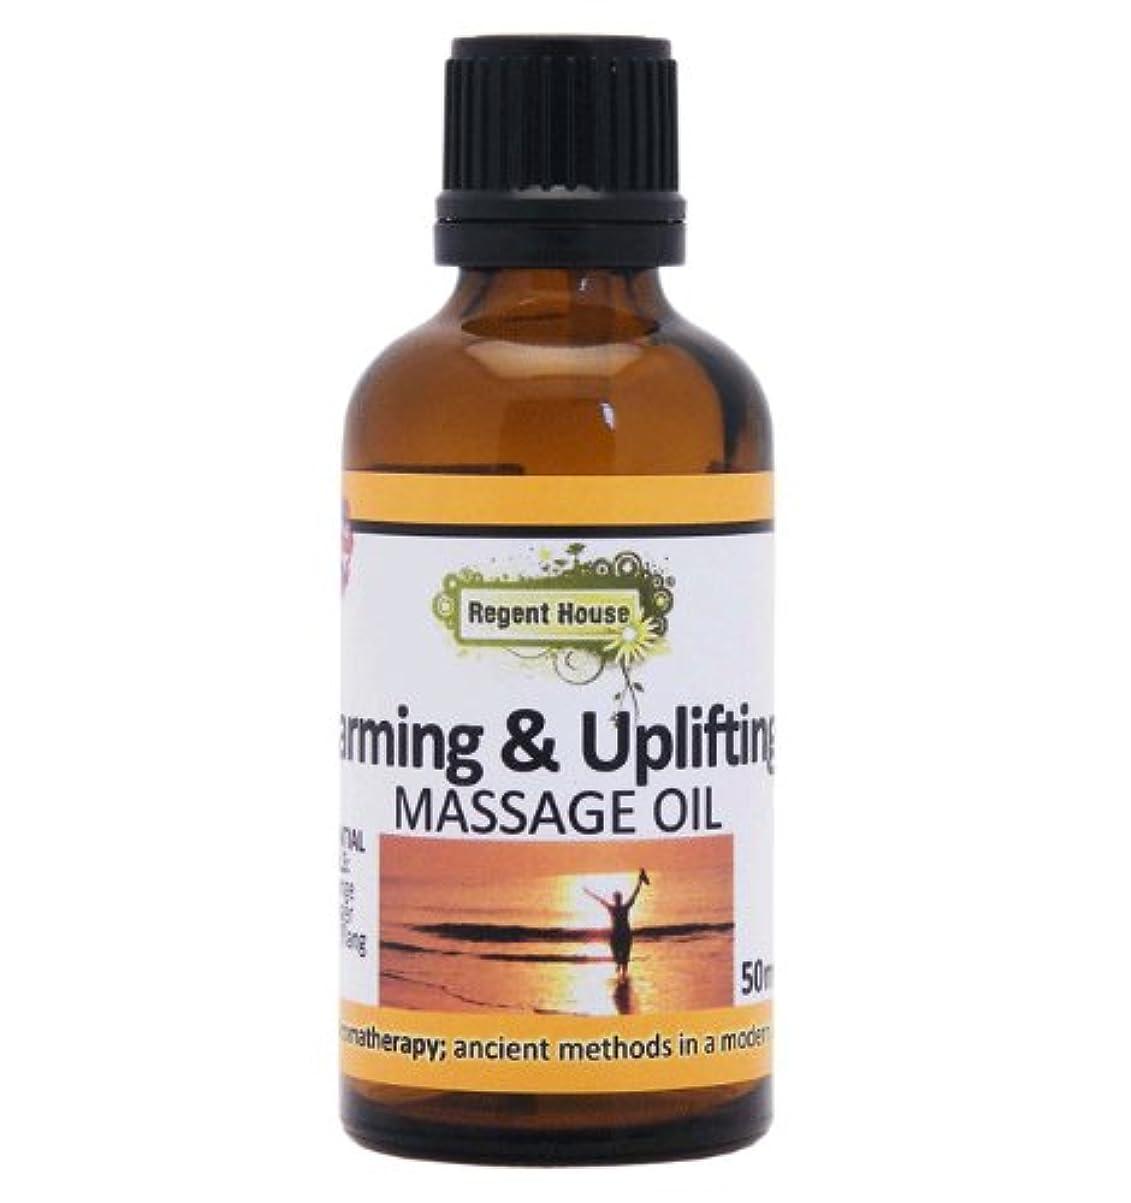 元気な貢献避難するイタリア産の天然オレンジ精油を、たっぷり配合。 アロマ ナチュラル マッサージオイル 50ml ウォーミング&アップリフティング(Aroma Massage Oil Warming & Uplifting)